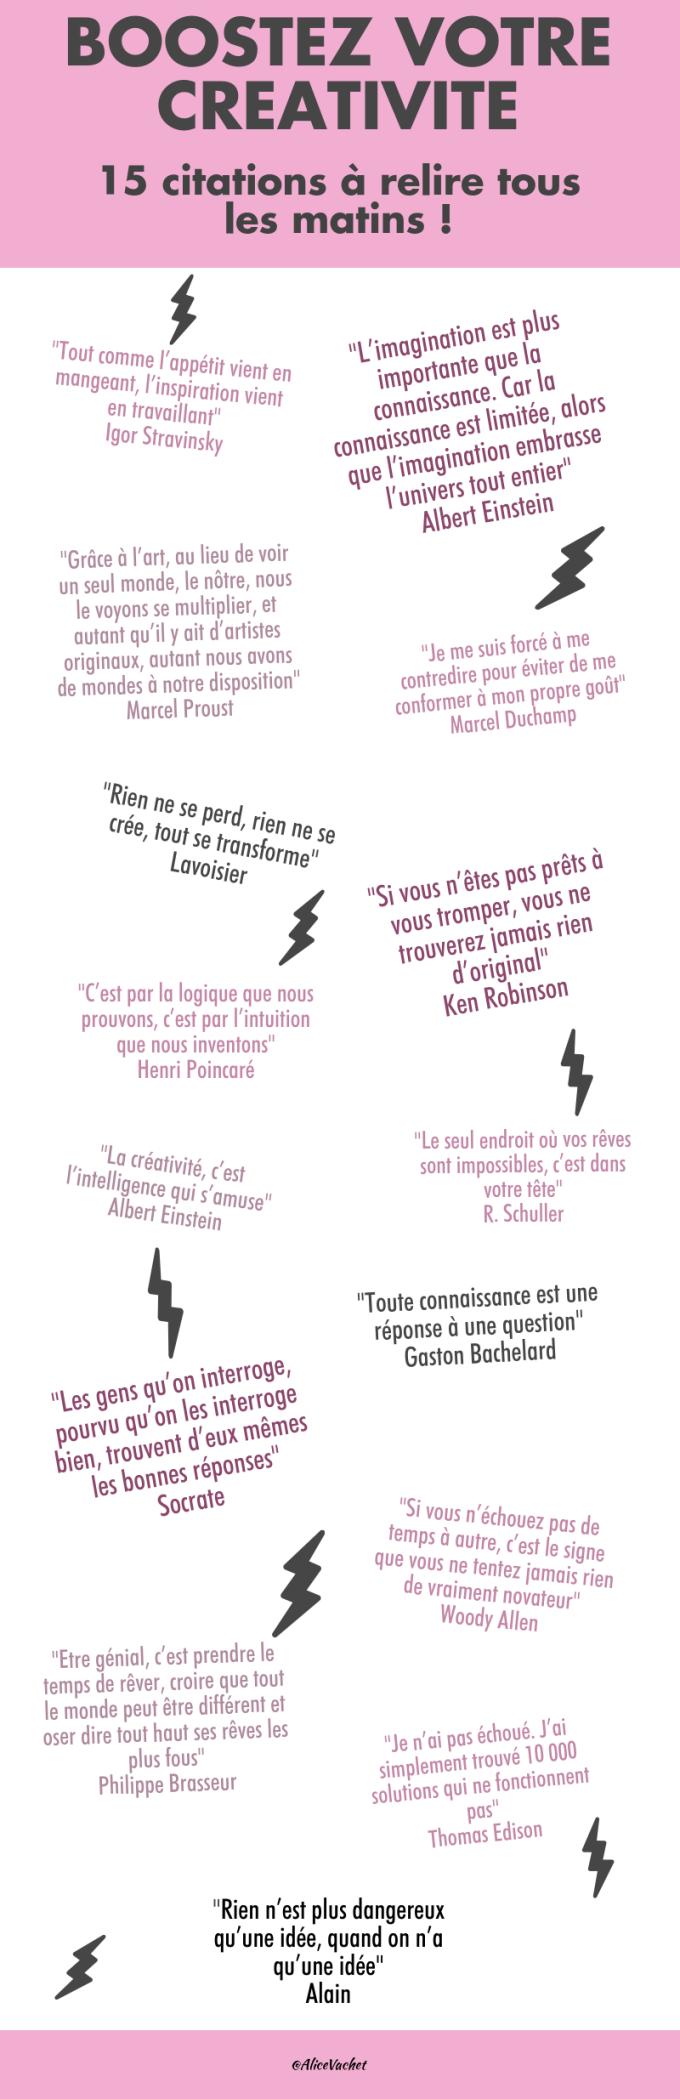 [INFOGRAPHIE] Boostez Votre Créativité : 15 Citations à Relire Tous Les Matins!